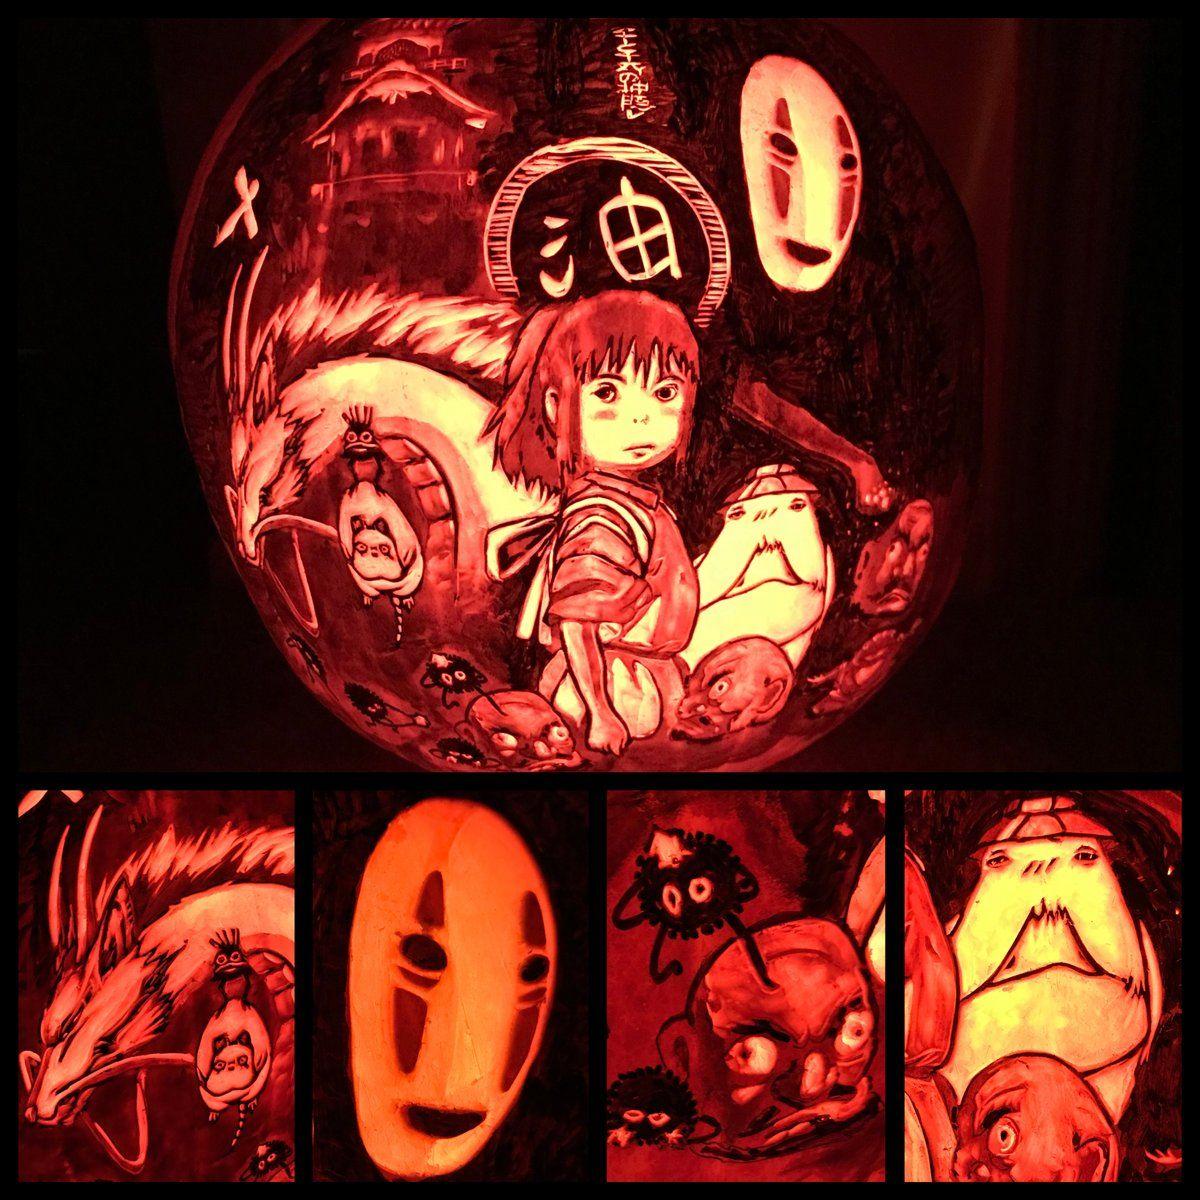 Twitter Studio ghibli, Ghibli, Anime shows